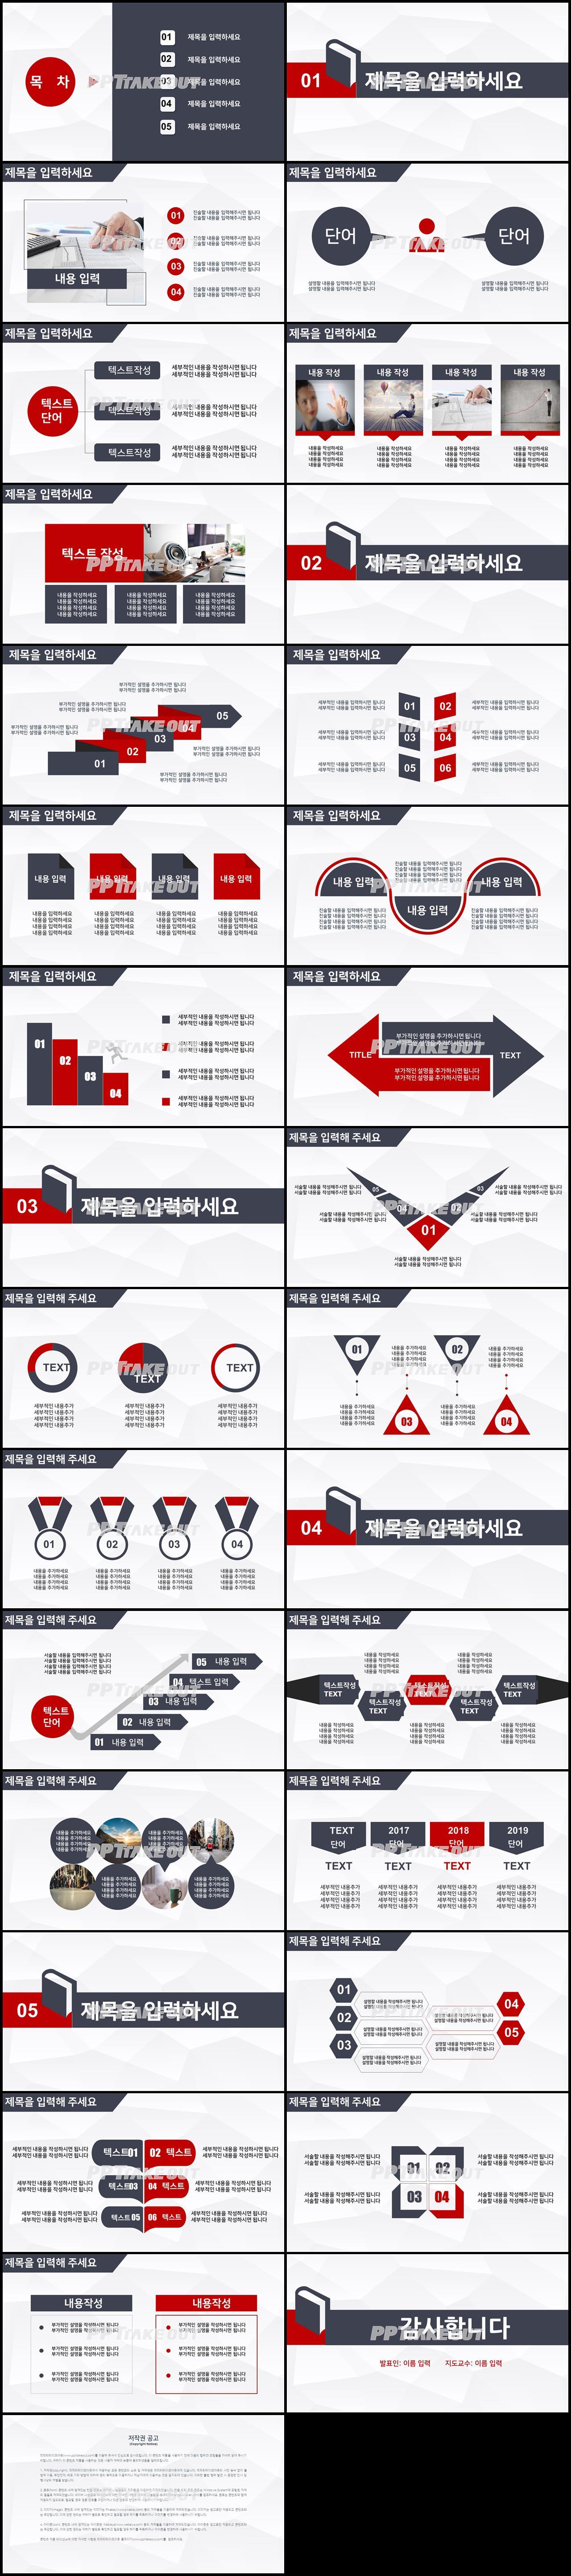 논문심사 레드색 정결한 프레젠테이션 파워포인트탬플릿 만들기 상세보기